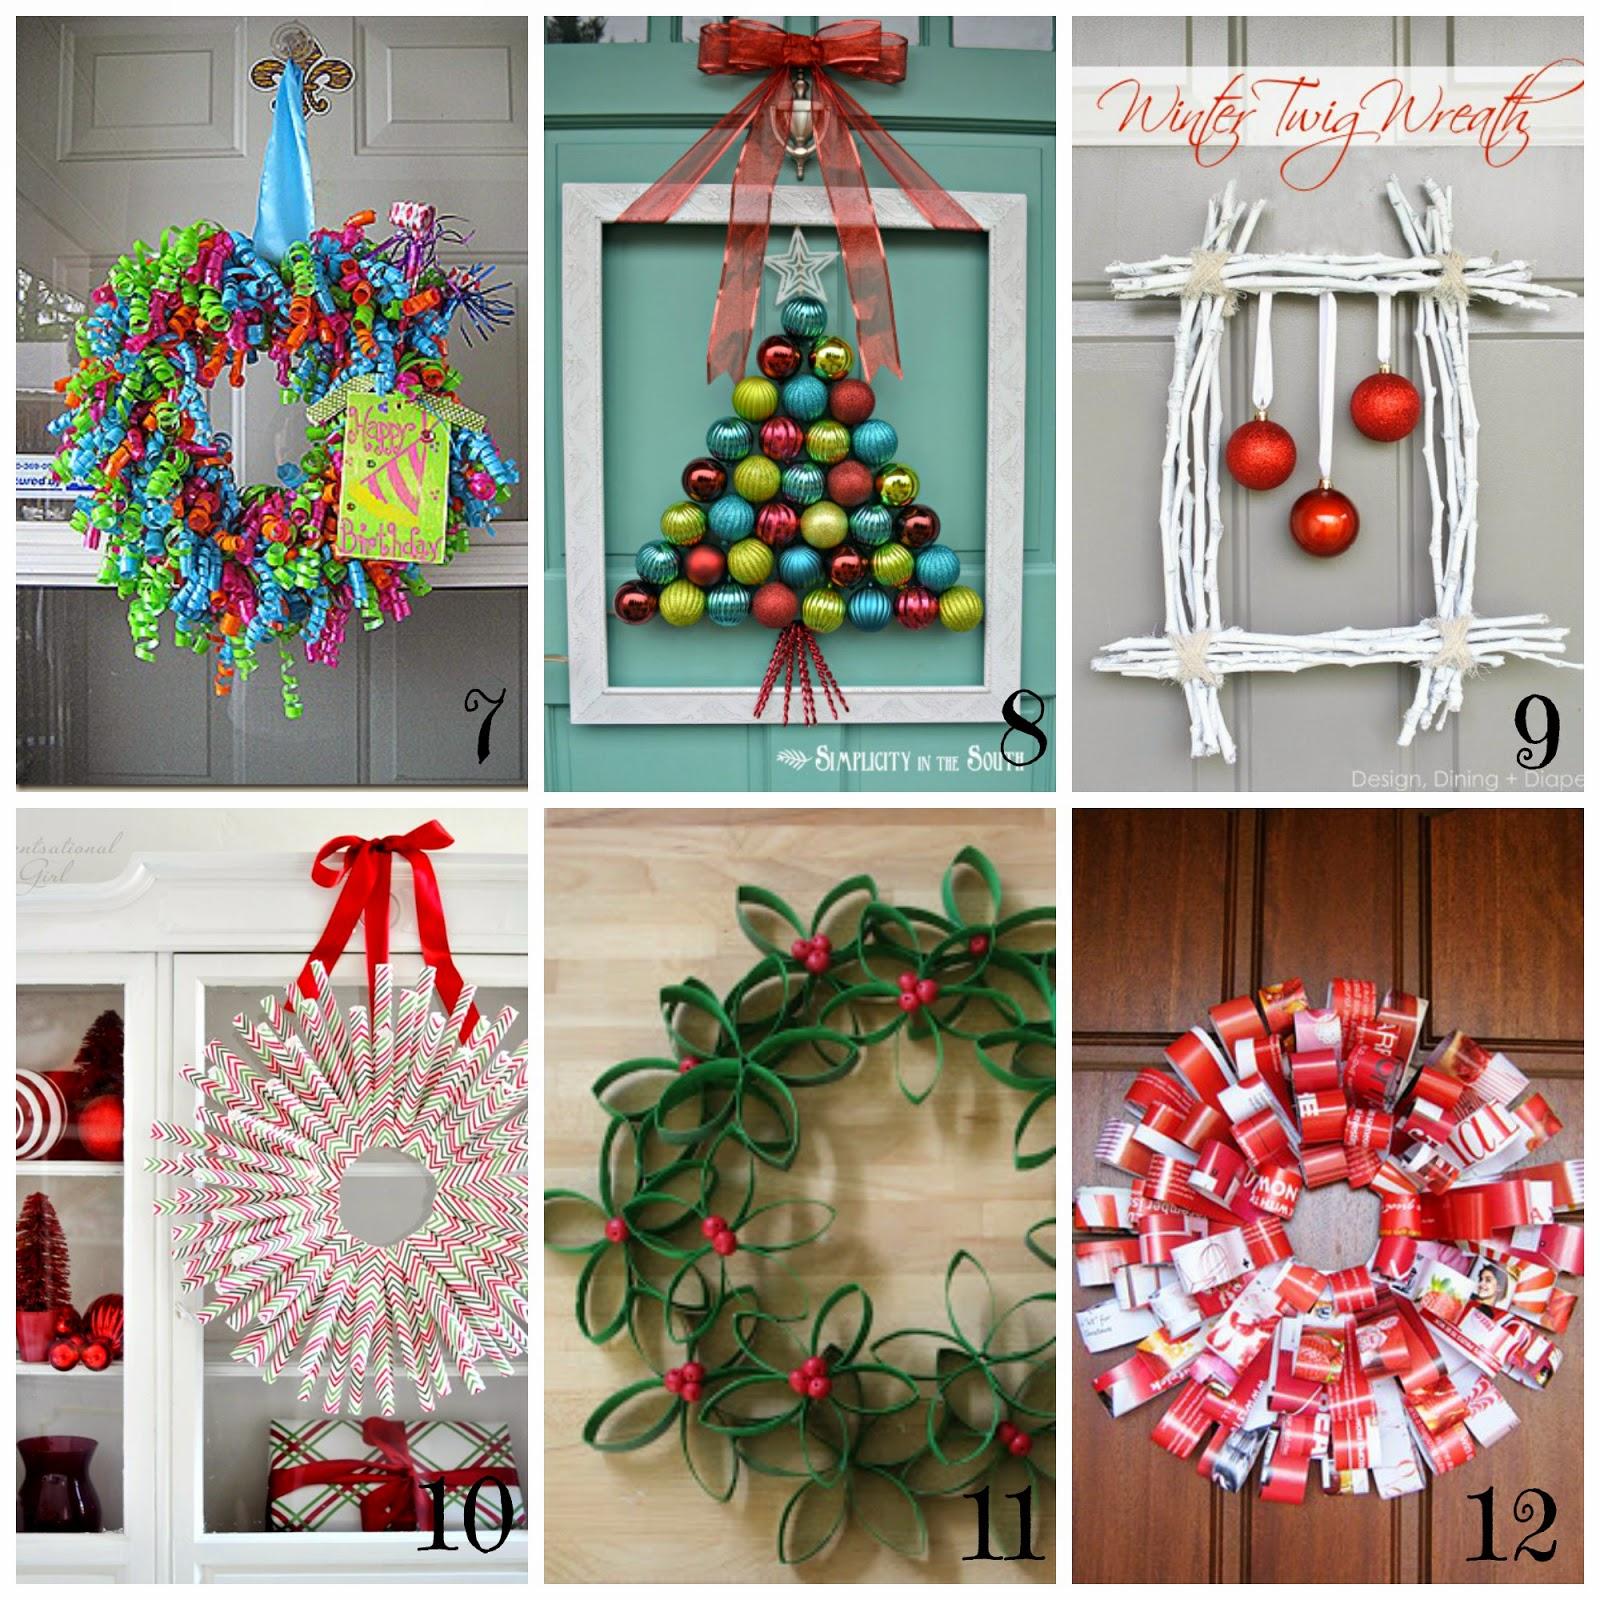 Ghirlande di natale fai da te 12 tutorial semplici e - Pacchetti natalizi fai da te ...